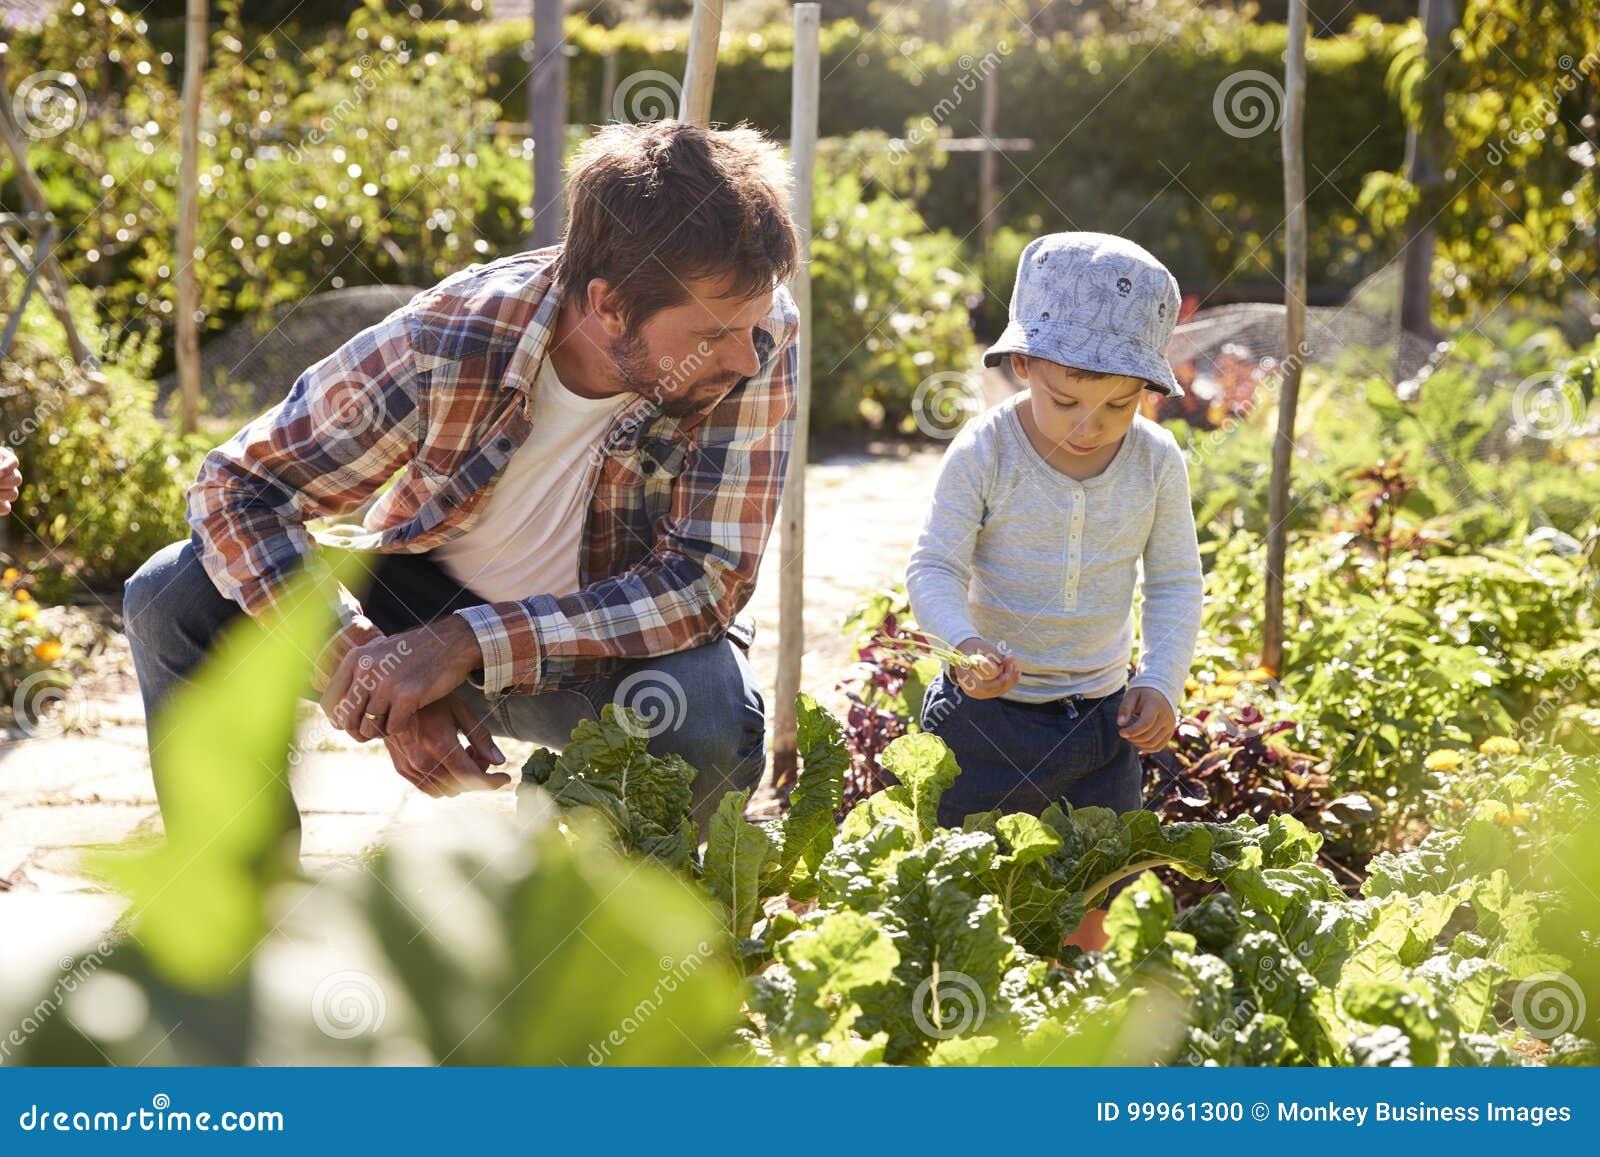 儿子帮助的父亲,他们在分配地段